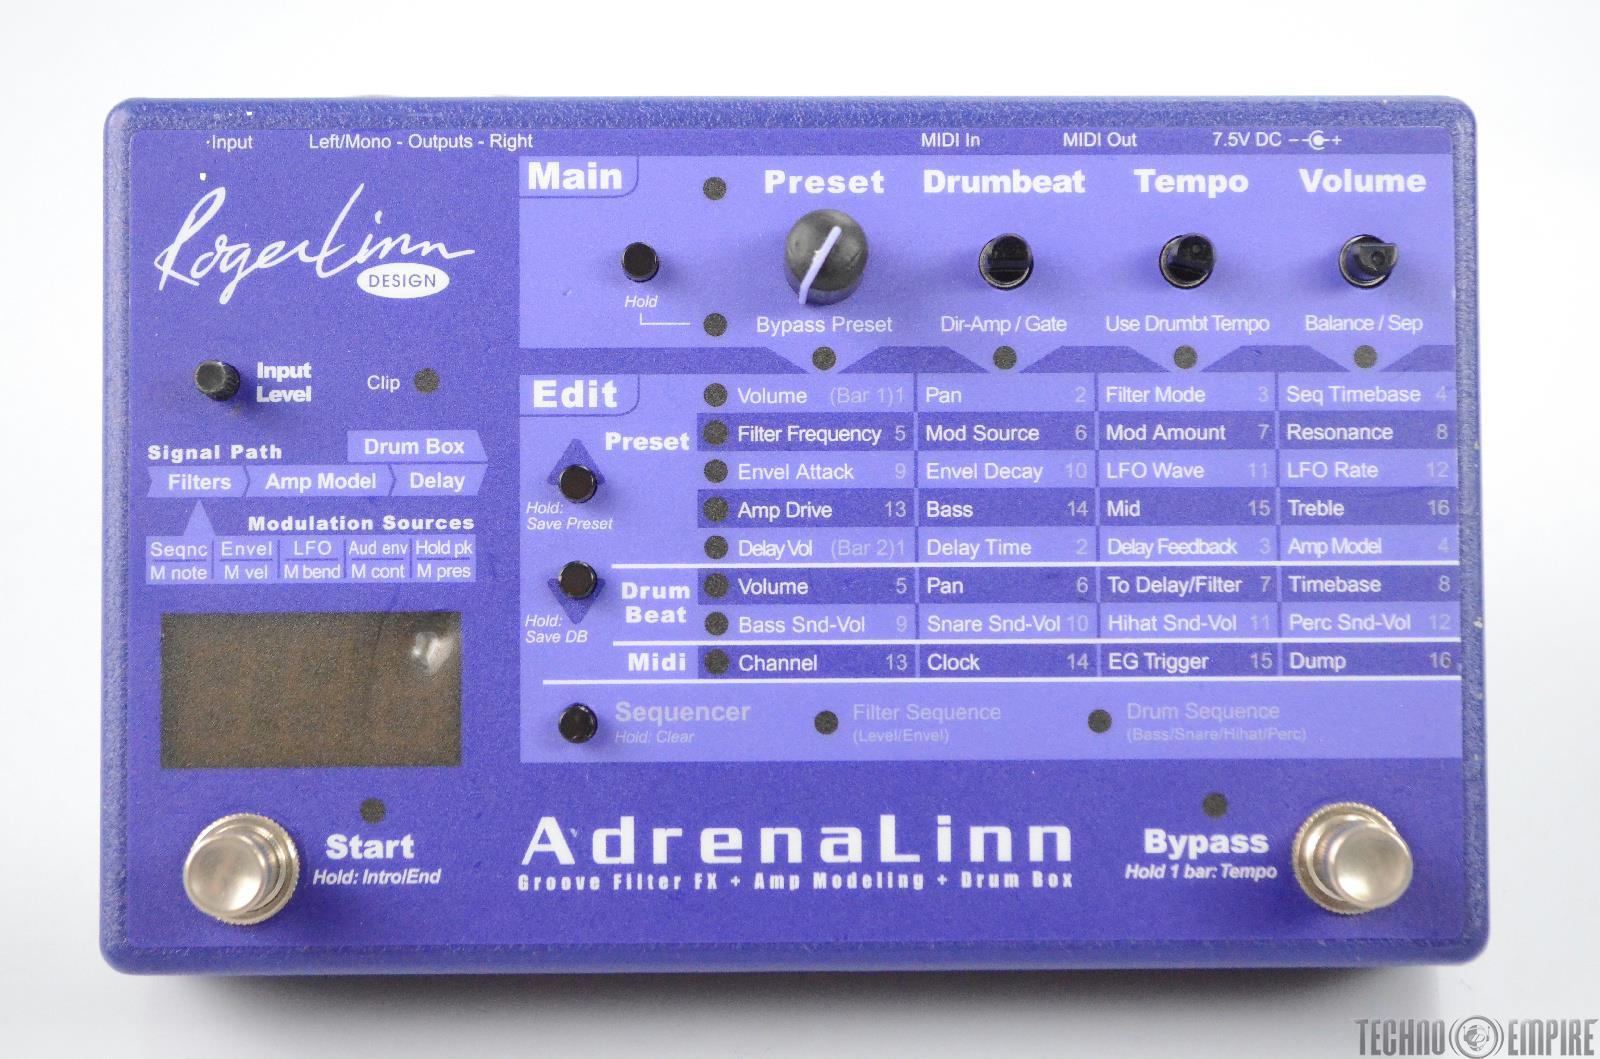 Roger Linn Design Adrenalinn I Multi-Effect Amp Modeling & Drum Box Pedal #31420